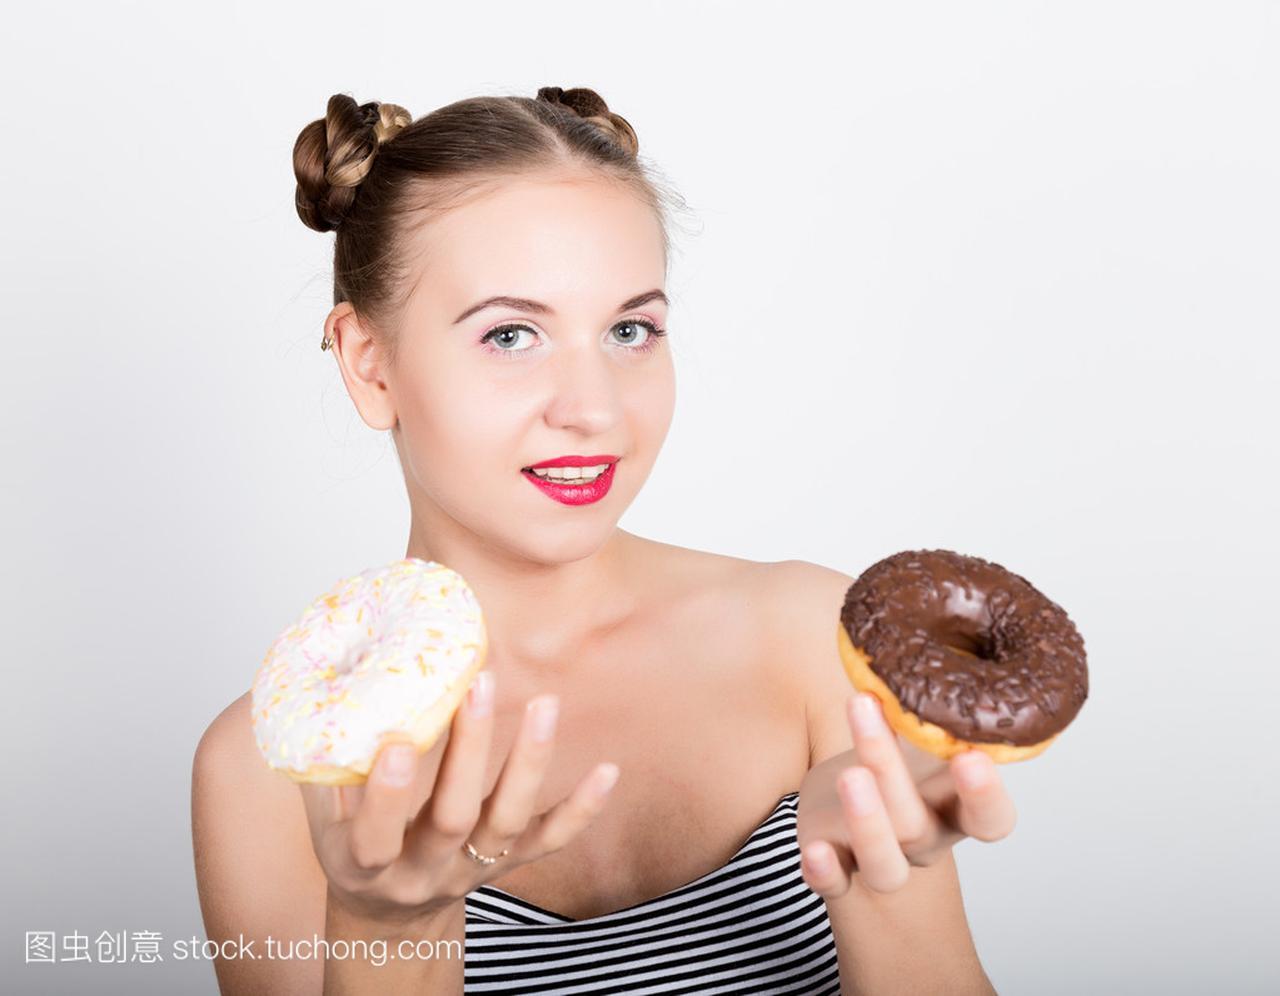 在吃女人的甜甜圈有男人的亮妆的年轻动态。滑和女生美味糖衣图片